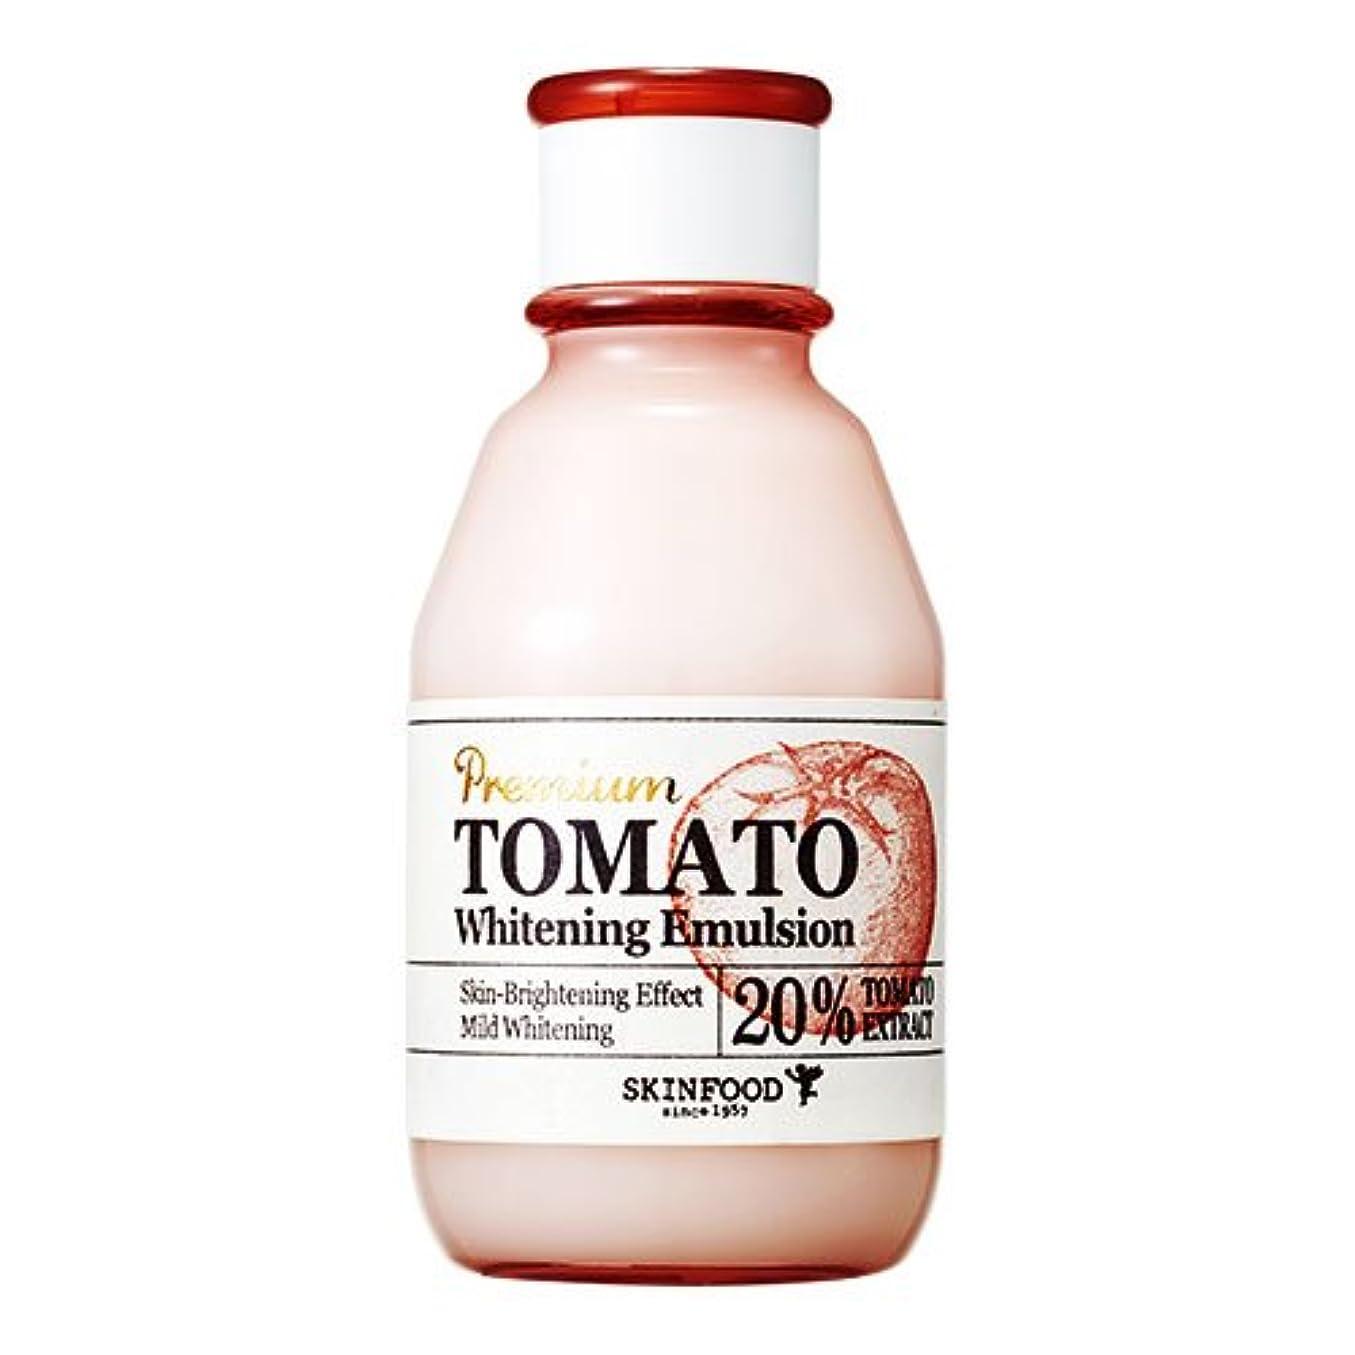 嫌がらせ素晴らしき姉妹[スキンフード] SKINFOOD プレミアムトマトホワイトニングエマルジョン Premium Tomato Whitening Emulsion (海外直送品) [並行輸入品]